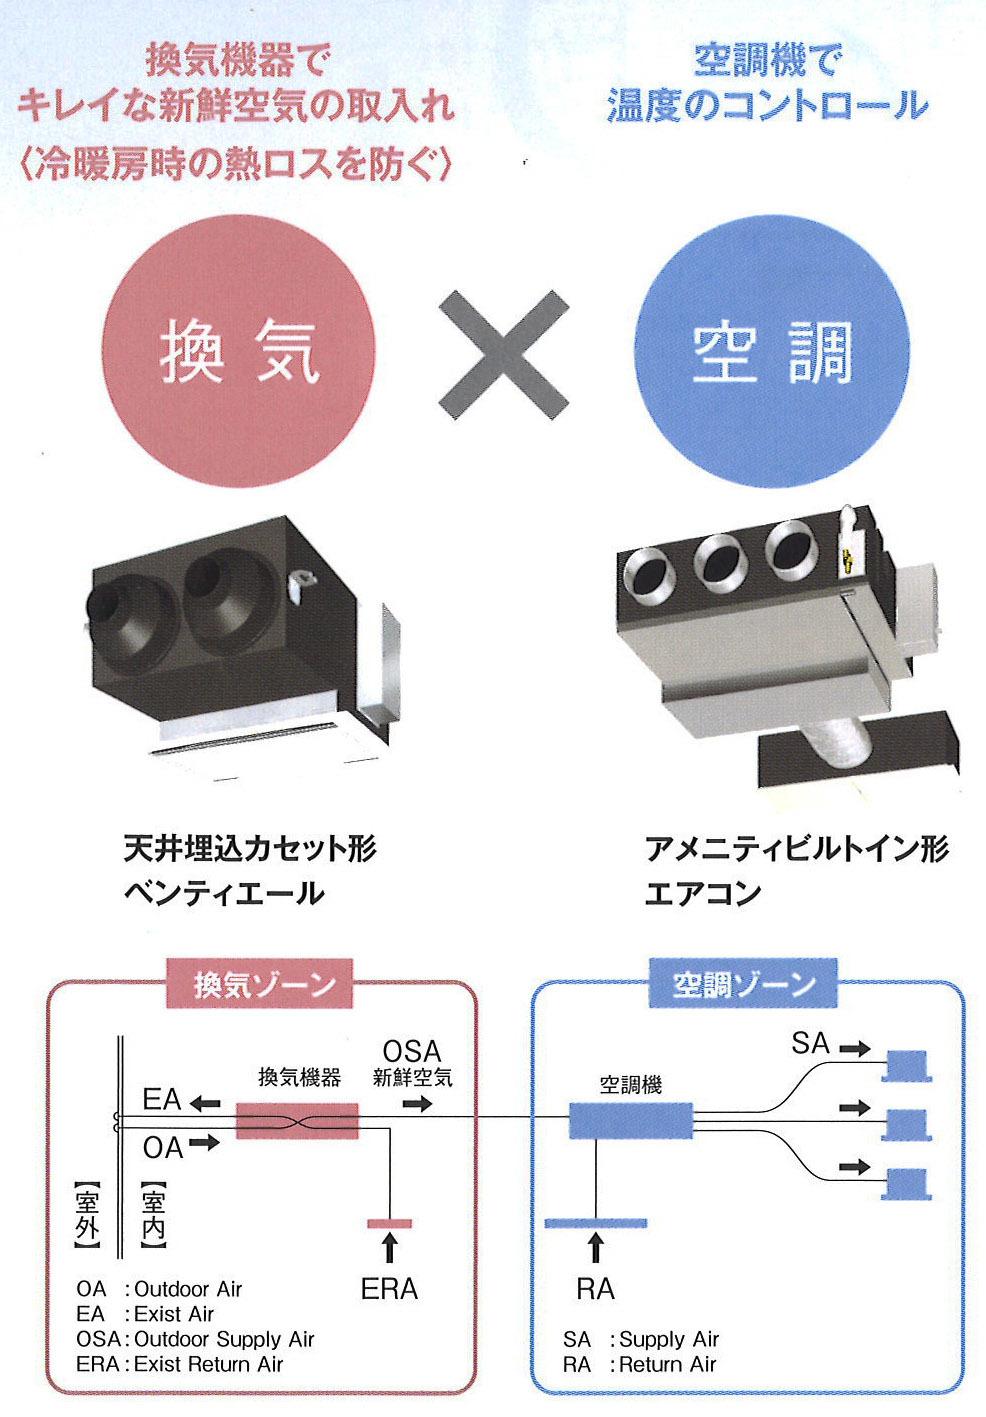 ダクトエアコン+熱交換換気_e0054299_12540749.jpg